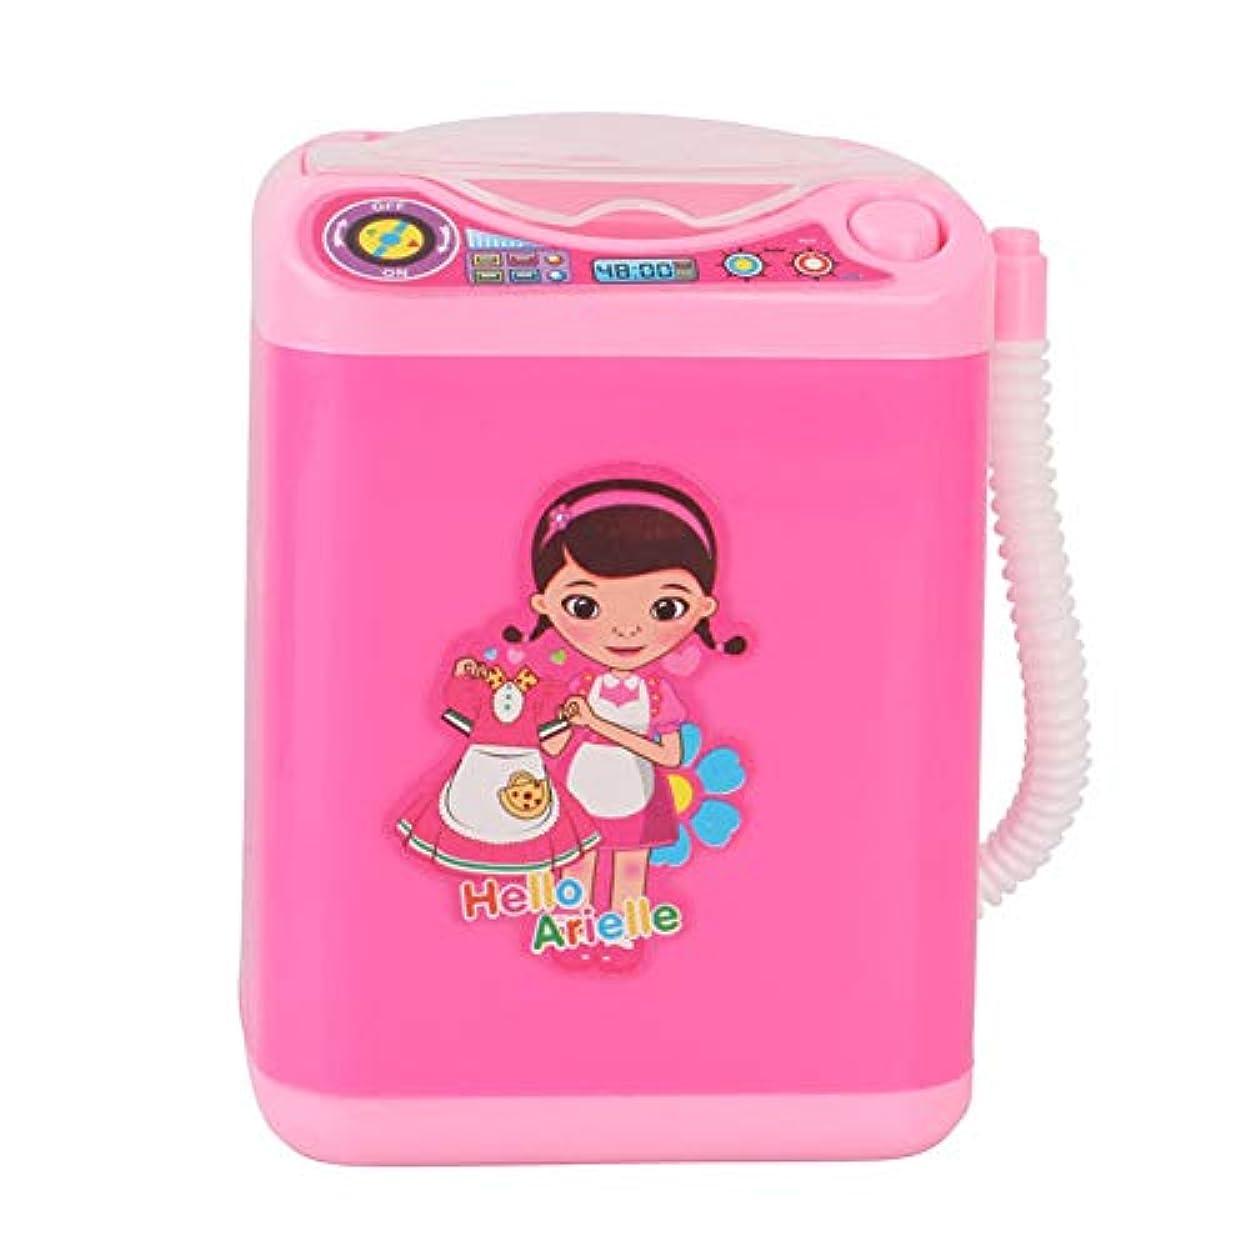 不正弁護閉じるArvolno 電動メイクブラシクリーナー 化粧ブラシ洗浄器 スポンジ パフ 自動洗浄 電池式 ミニ洗濯機 携帯便利 旅行 DIY 可愛い ピンク 人気 子供のおもちゃとしても大歓迎